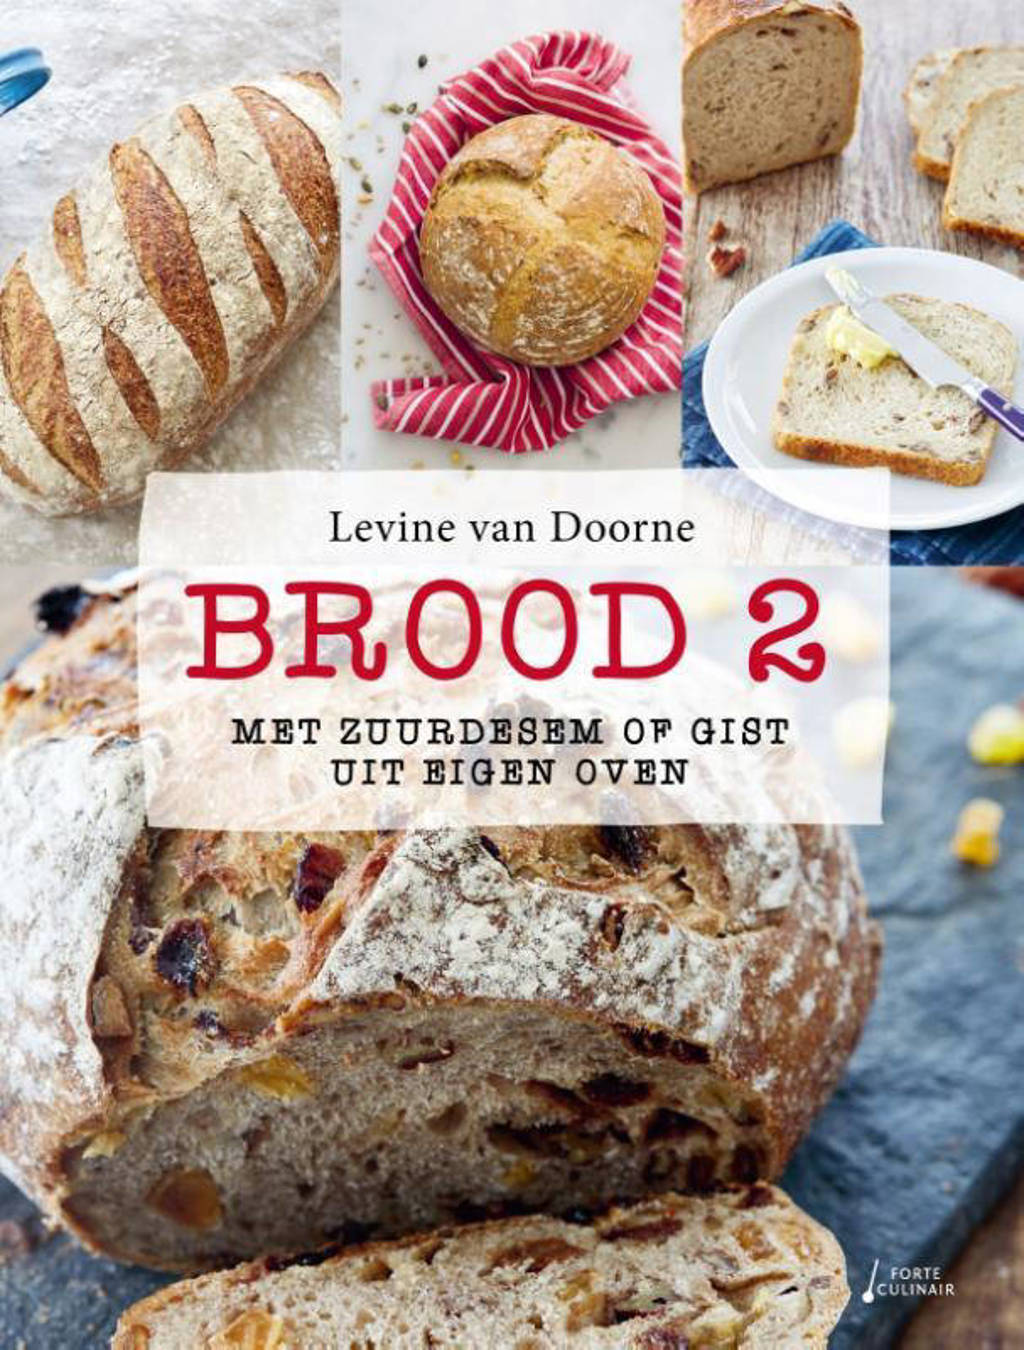 Brood 2 - Levine van Doorne